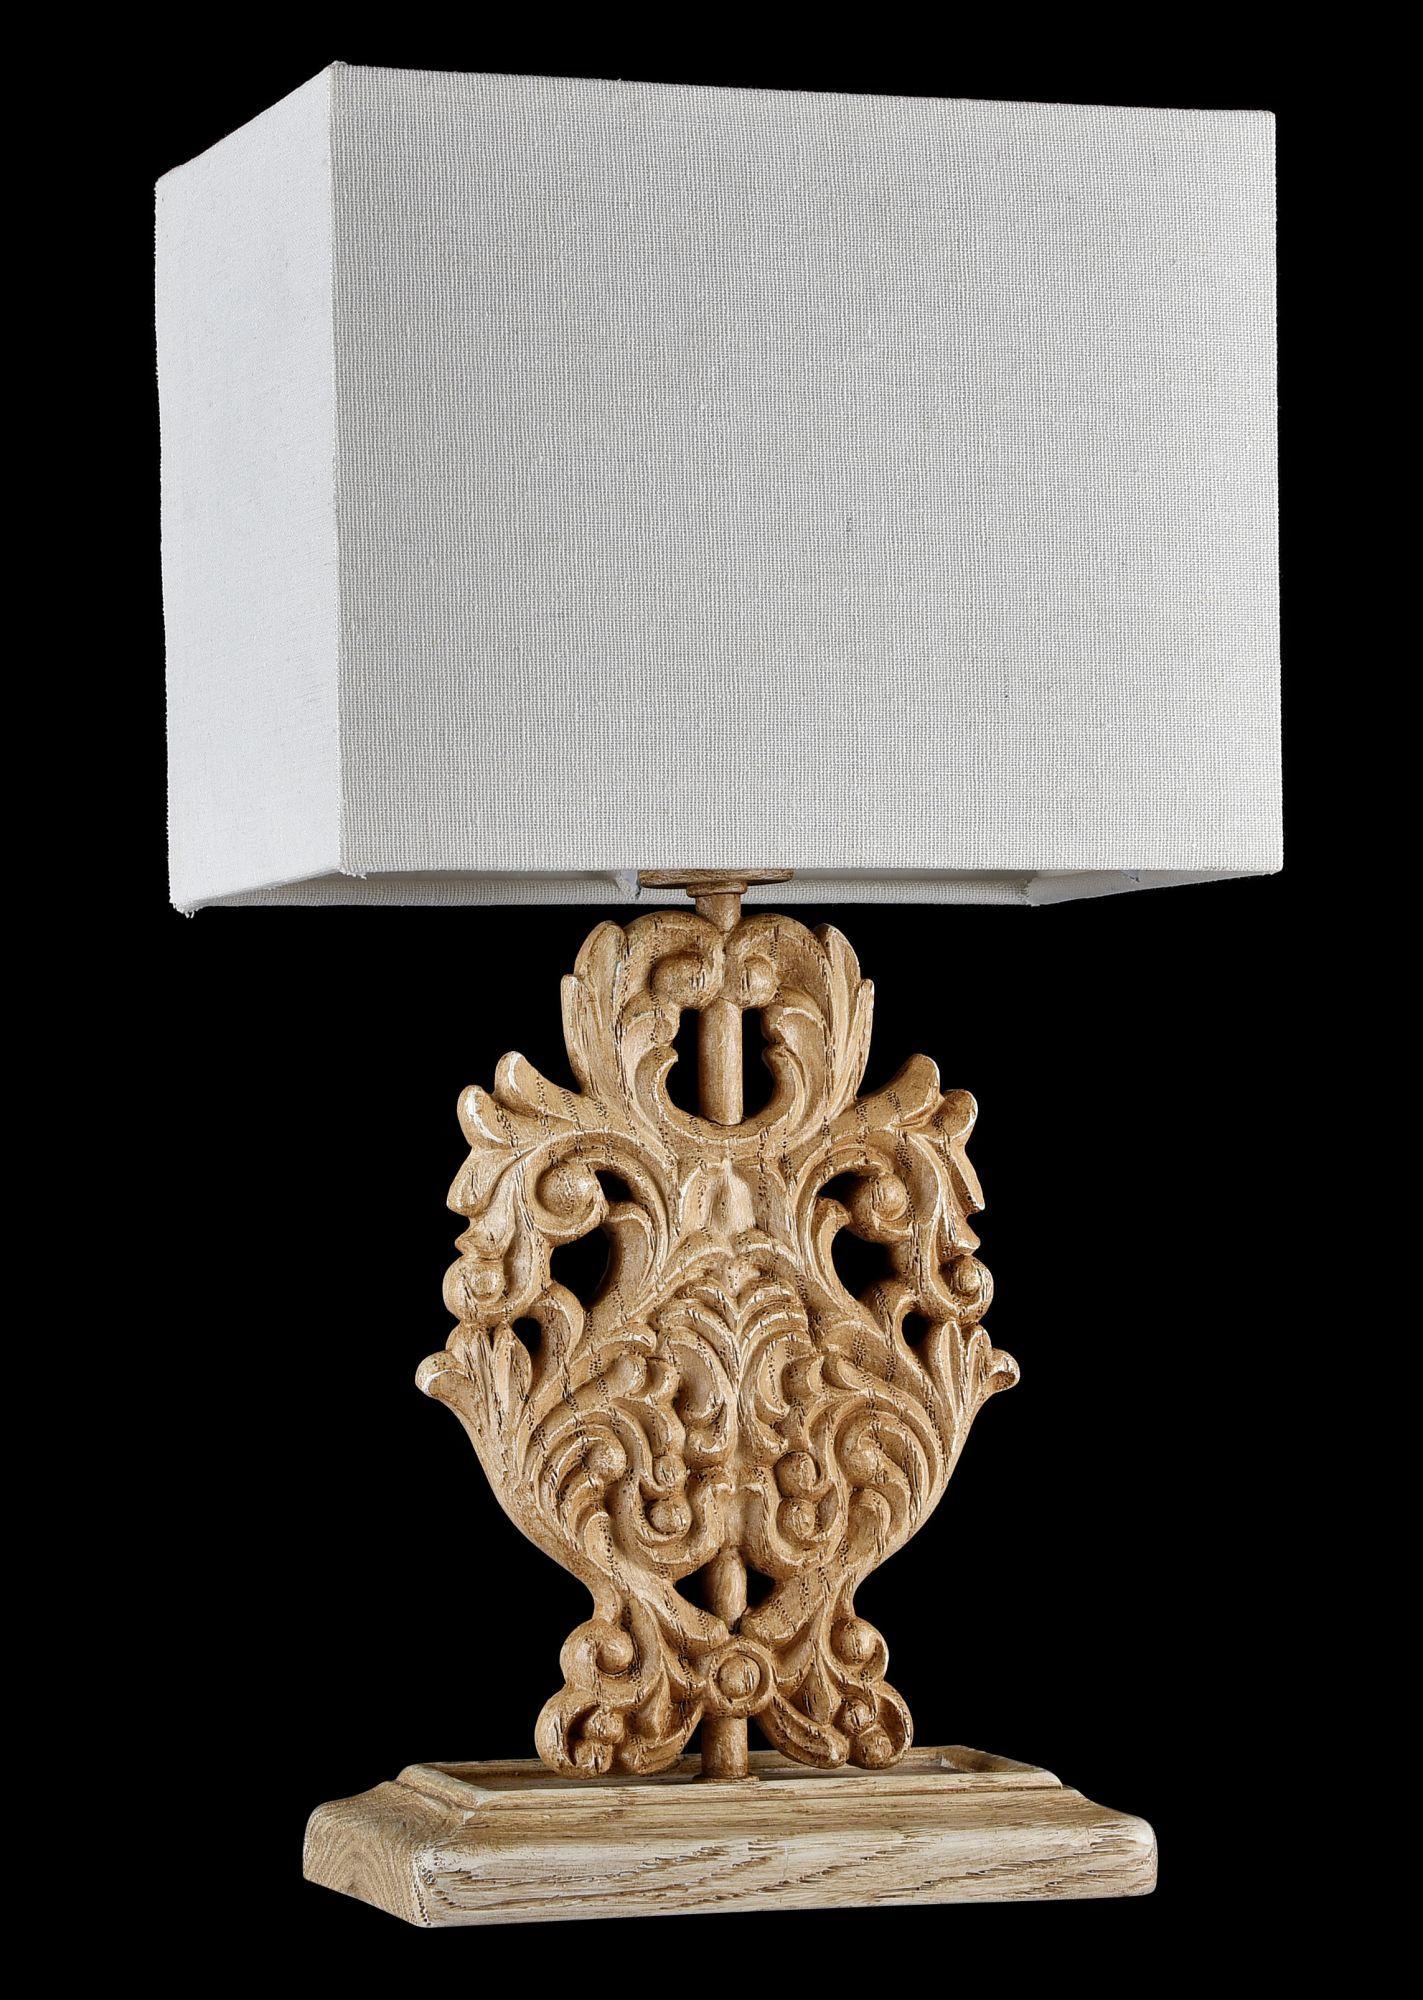 Настольная лампа Maytoni Cipresso H034-TL-01-R (arm034-11-r), 1xE14x40W, бежевый, пластик, текстиль - фото 3